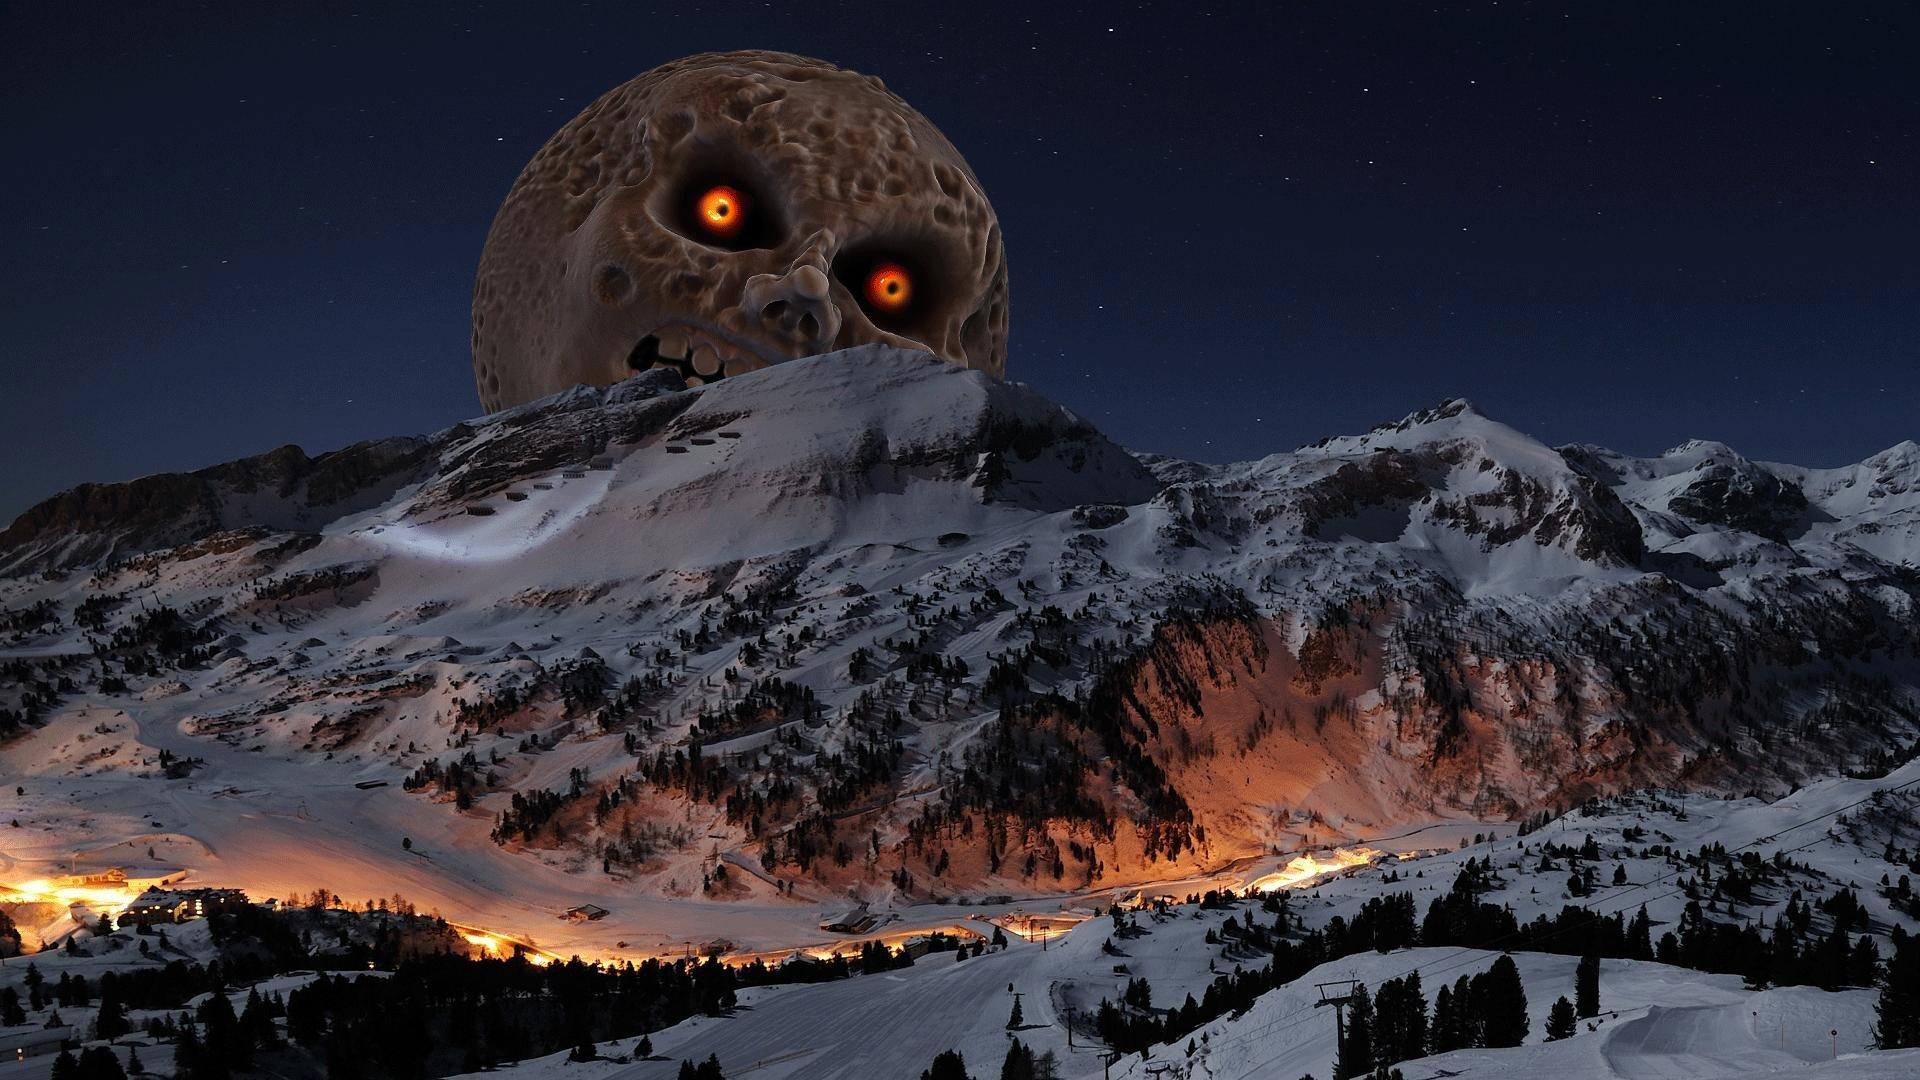 The Legend Of Zelda Moon Mountain The Legend Of Zelda Majoras